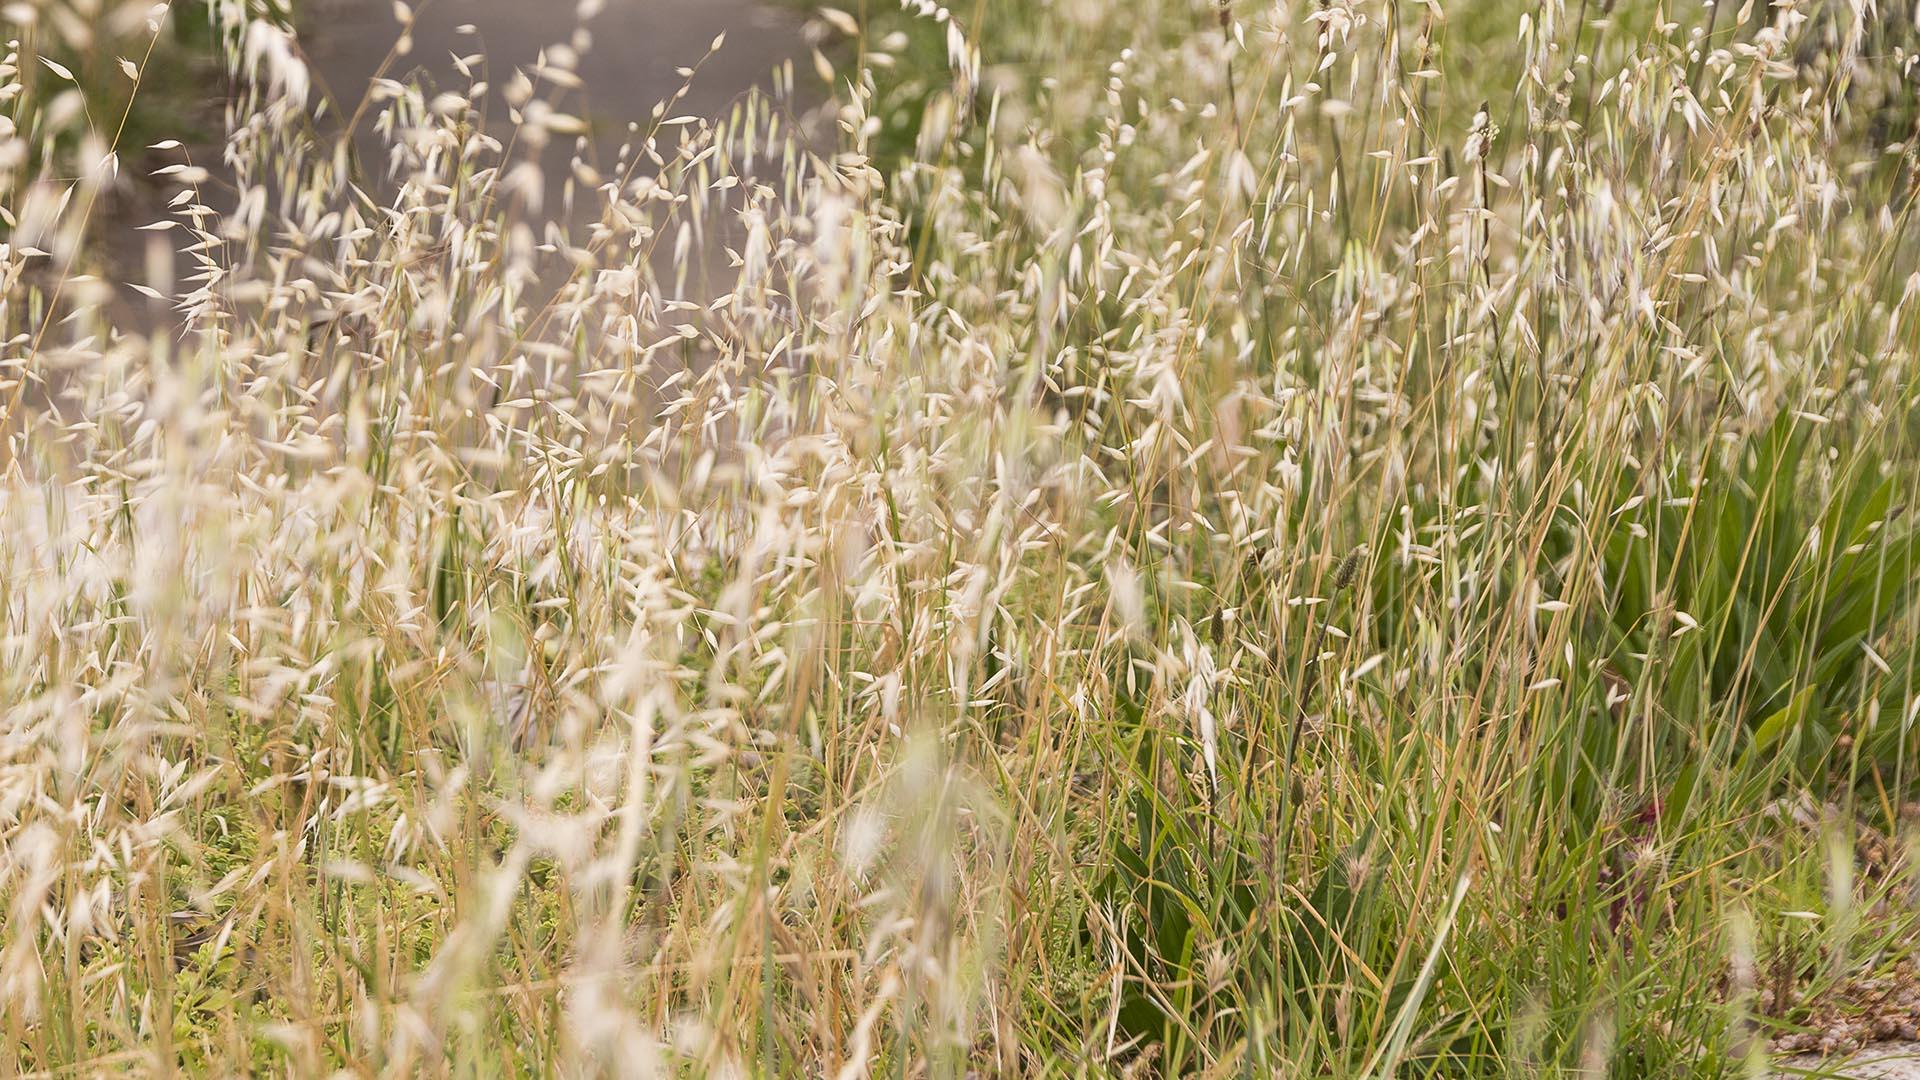 Overgrown vegetation